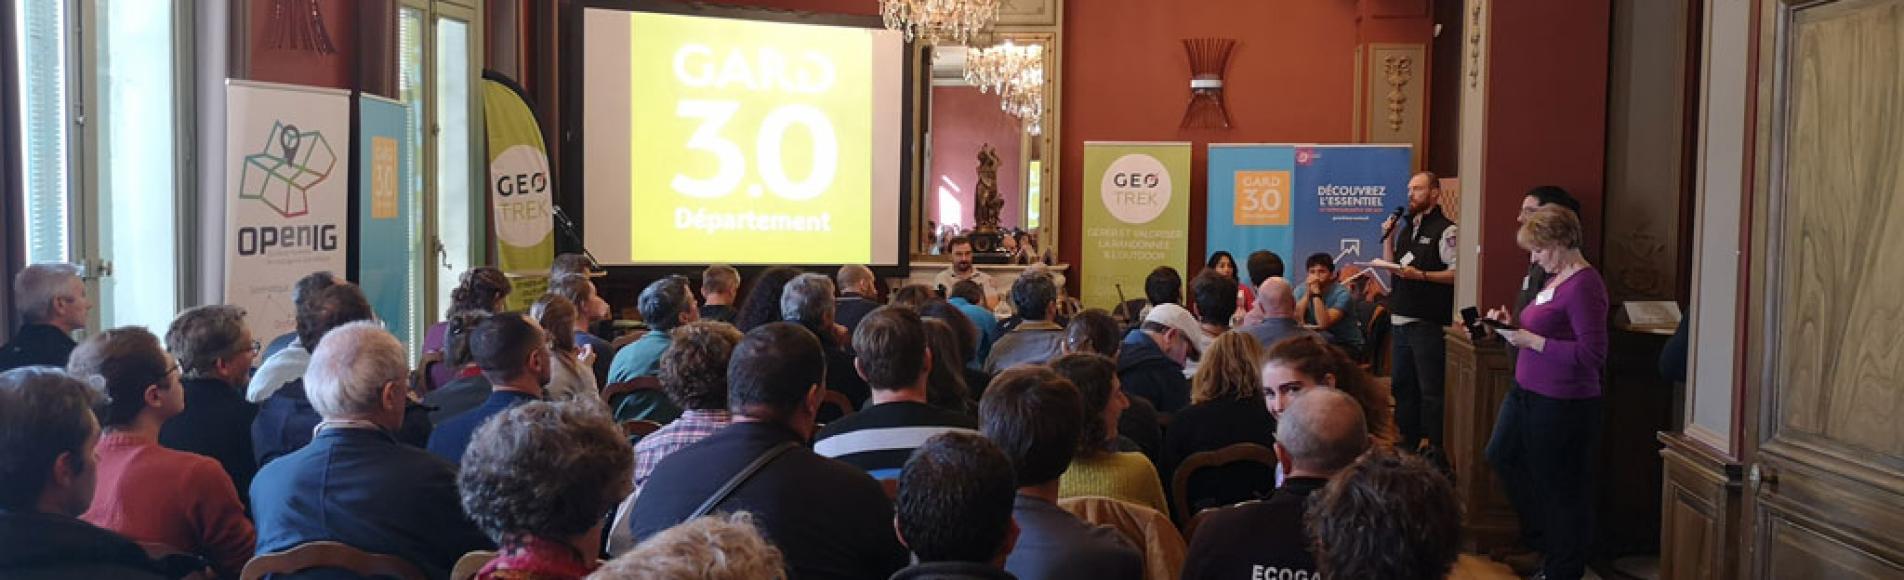 3èmes rencontres Geotrek à Nimes, novembre 2019 - Parc national des Écrins